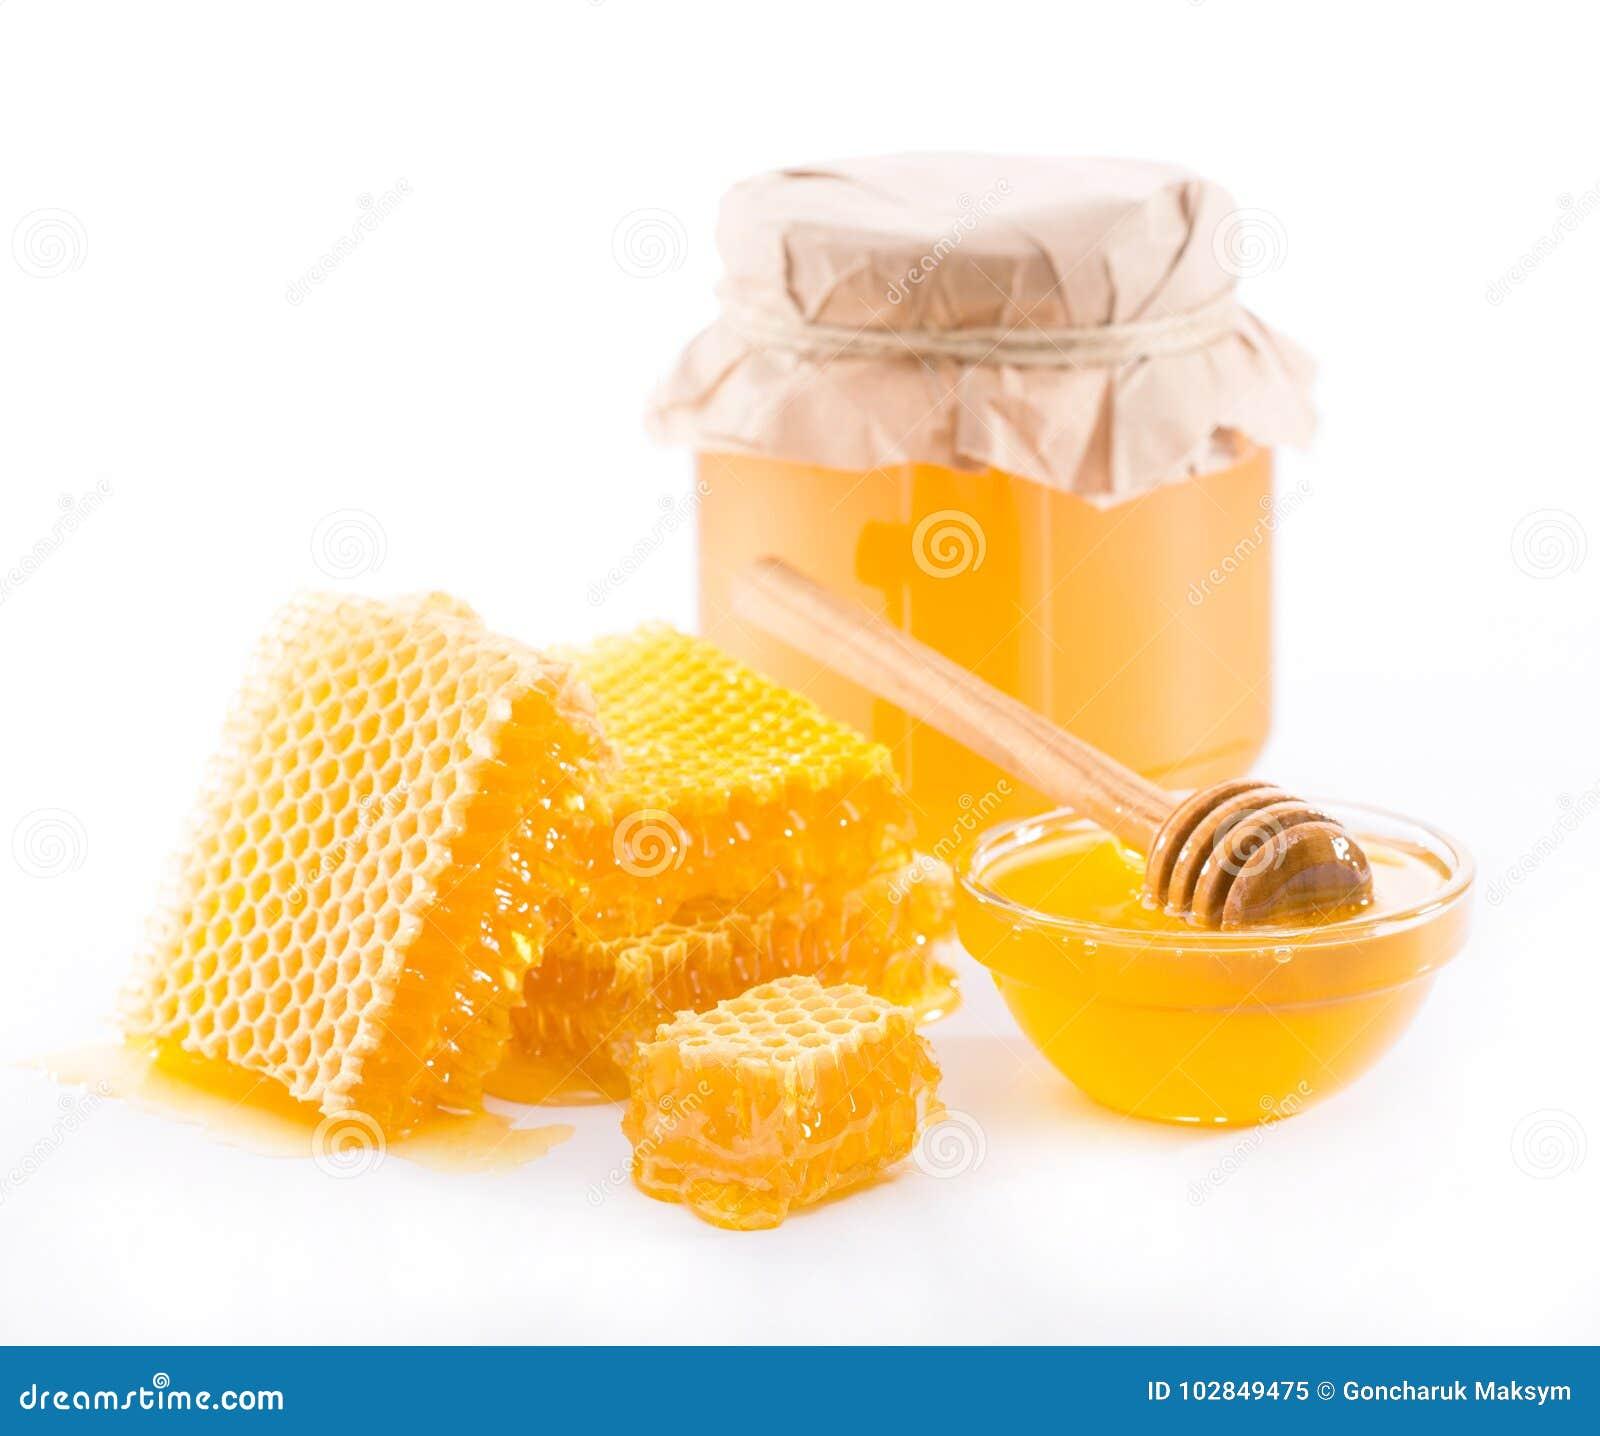 鲜花蜂蜜和蜂窝